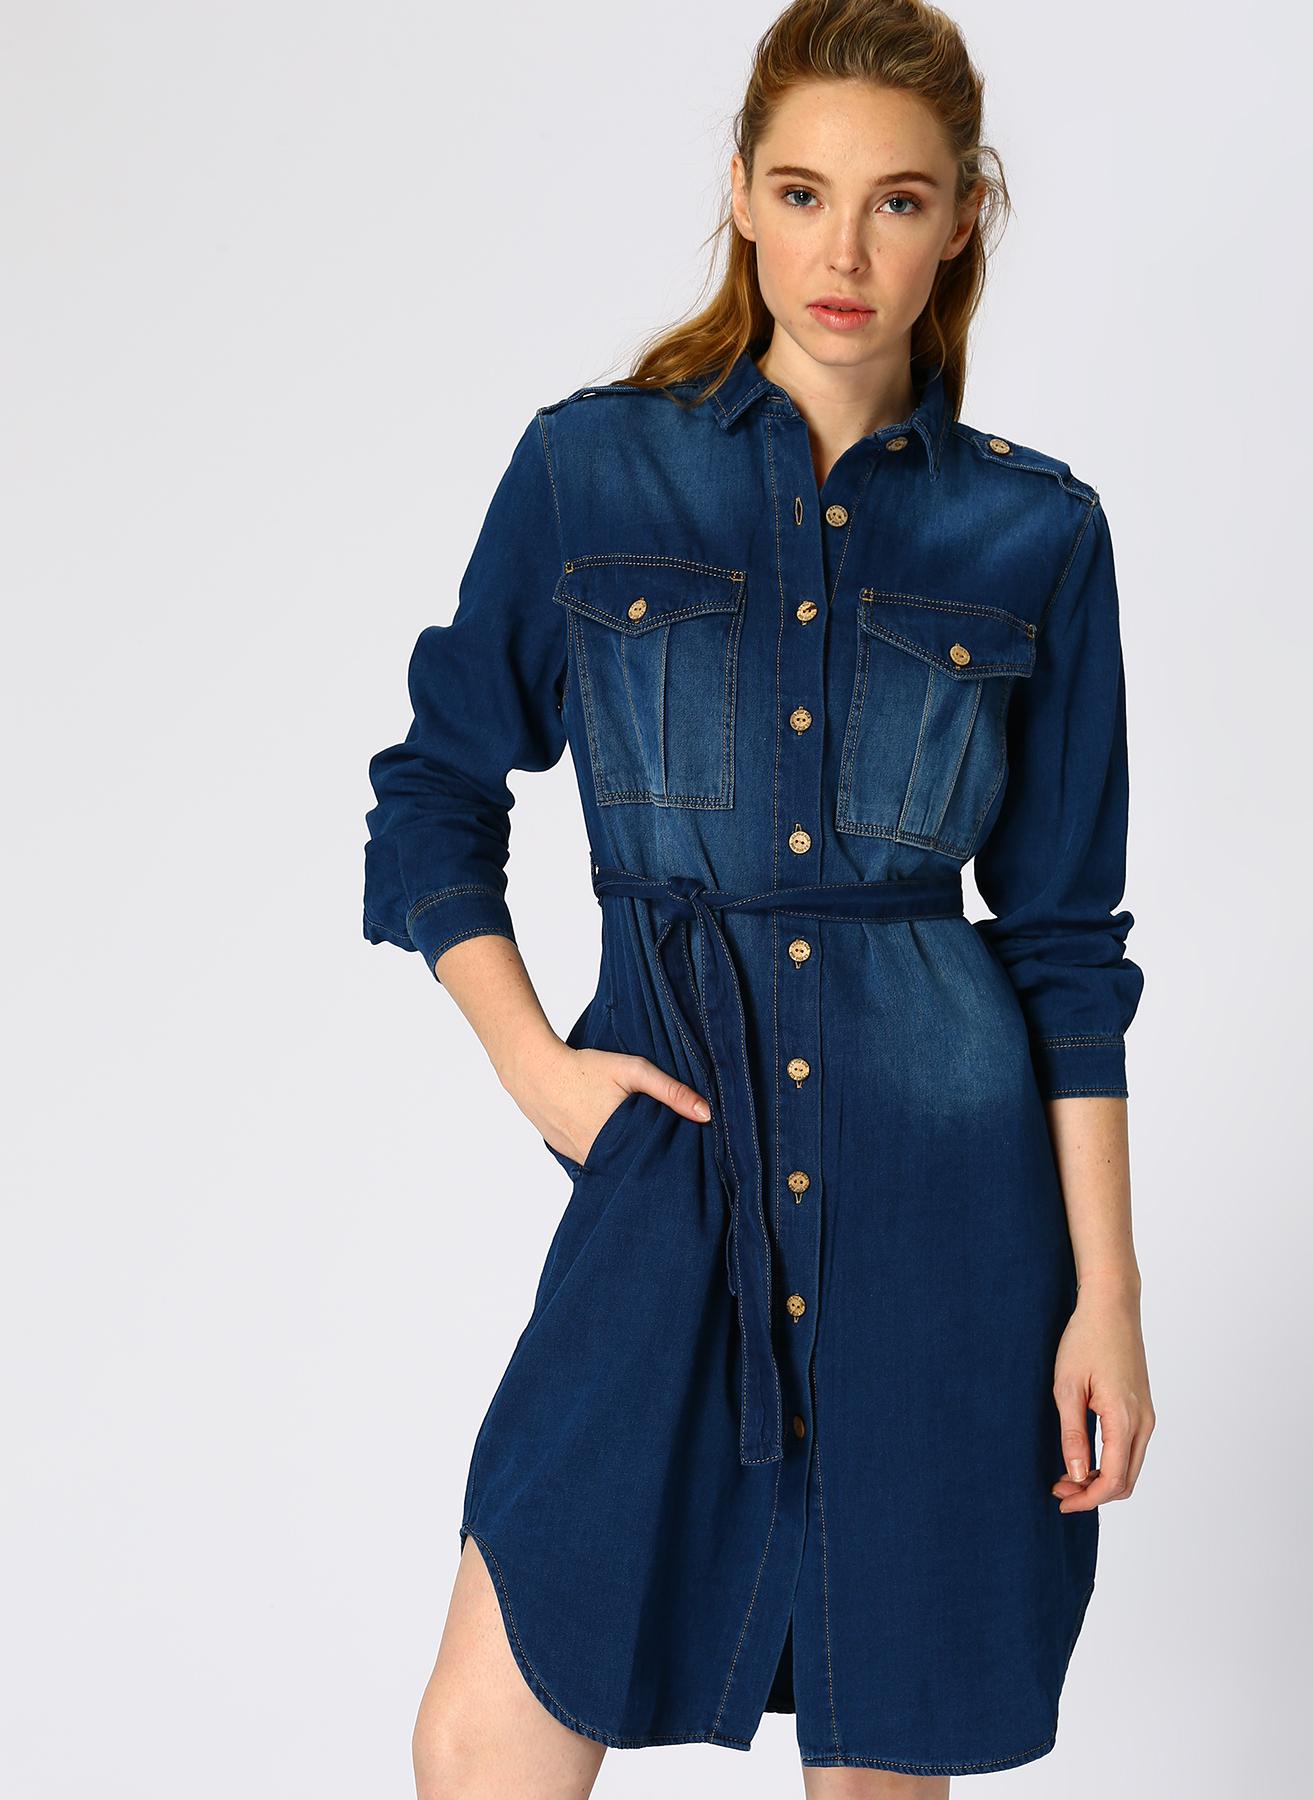 U.S. Polo Assn. Elbise 34 5001733444006 Ürün Resmi